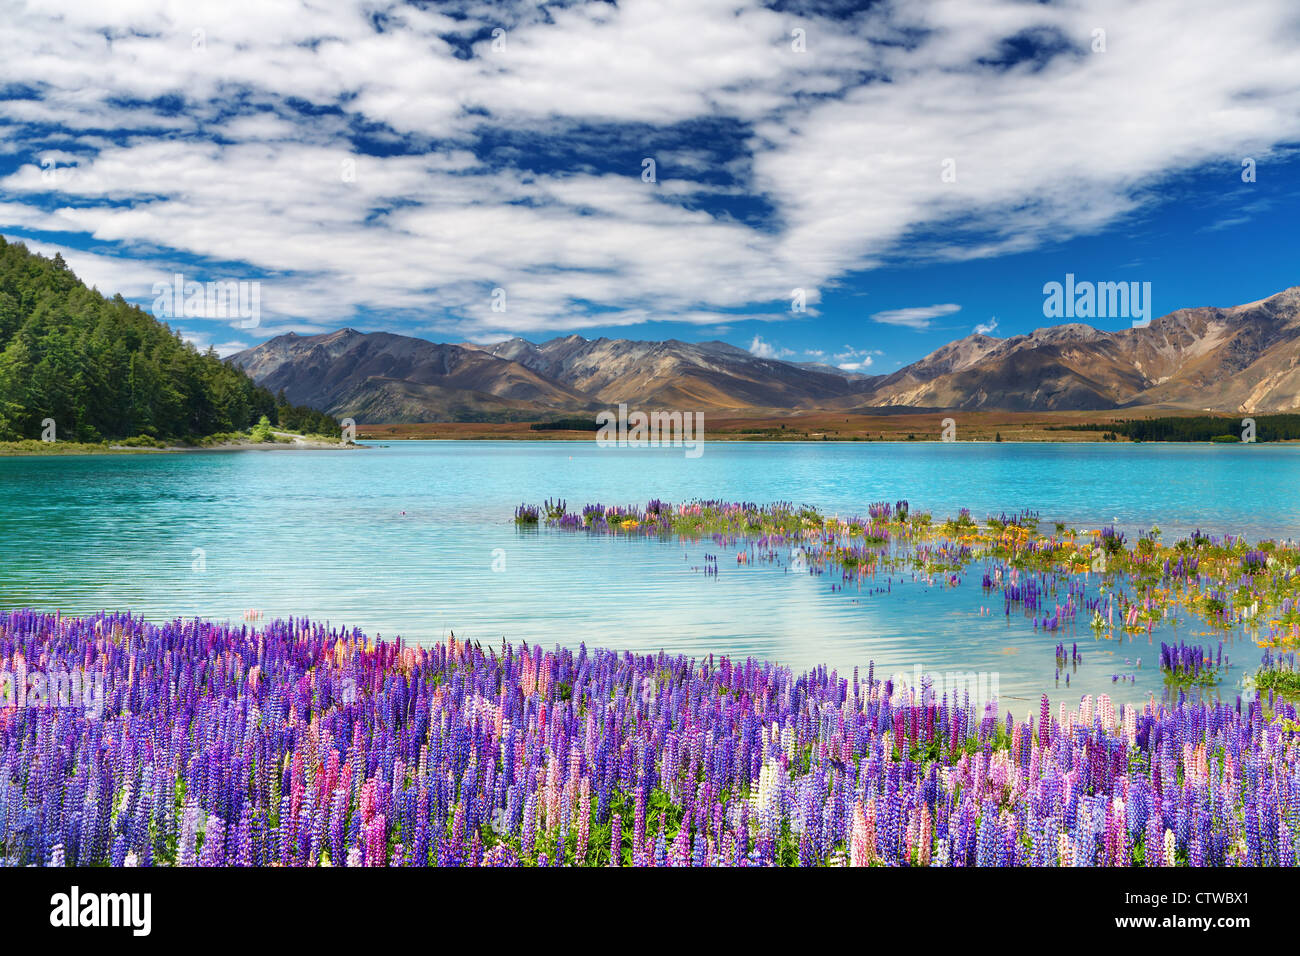 Lake Tekapo, South Island, New Zealand - Stock Image